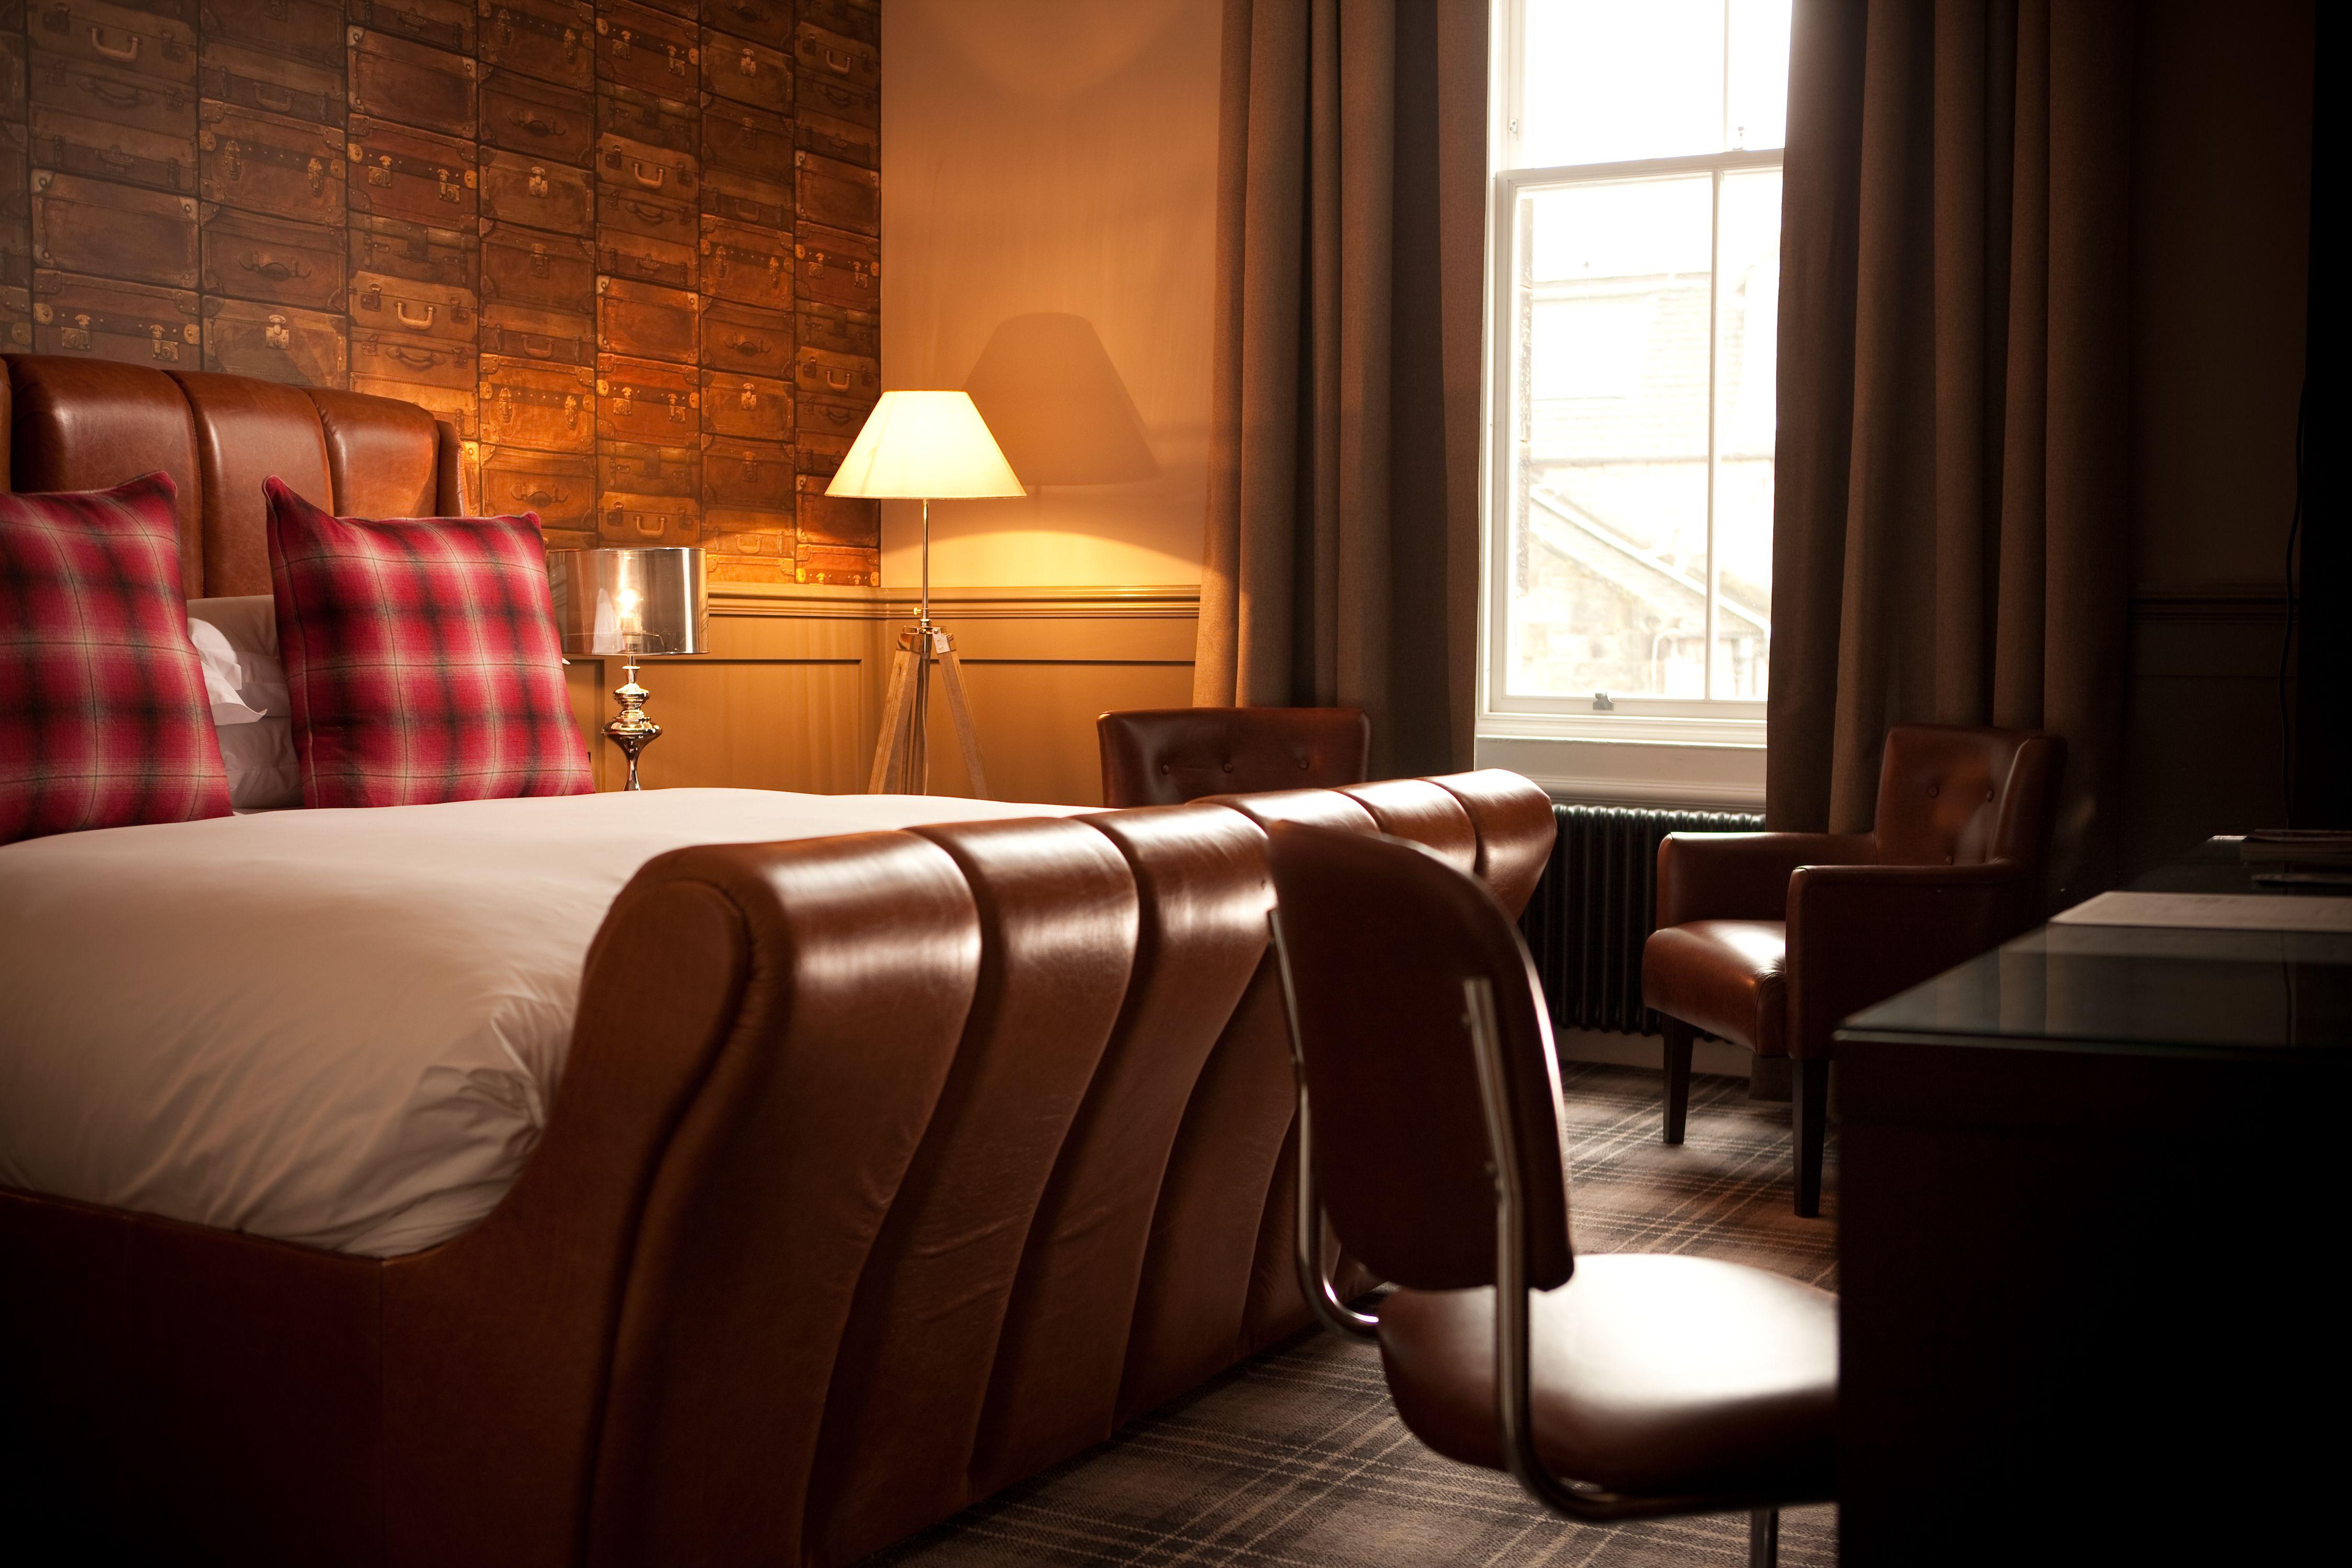 Hotel du Vin, St. Andrews